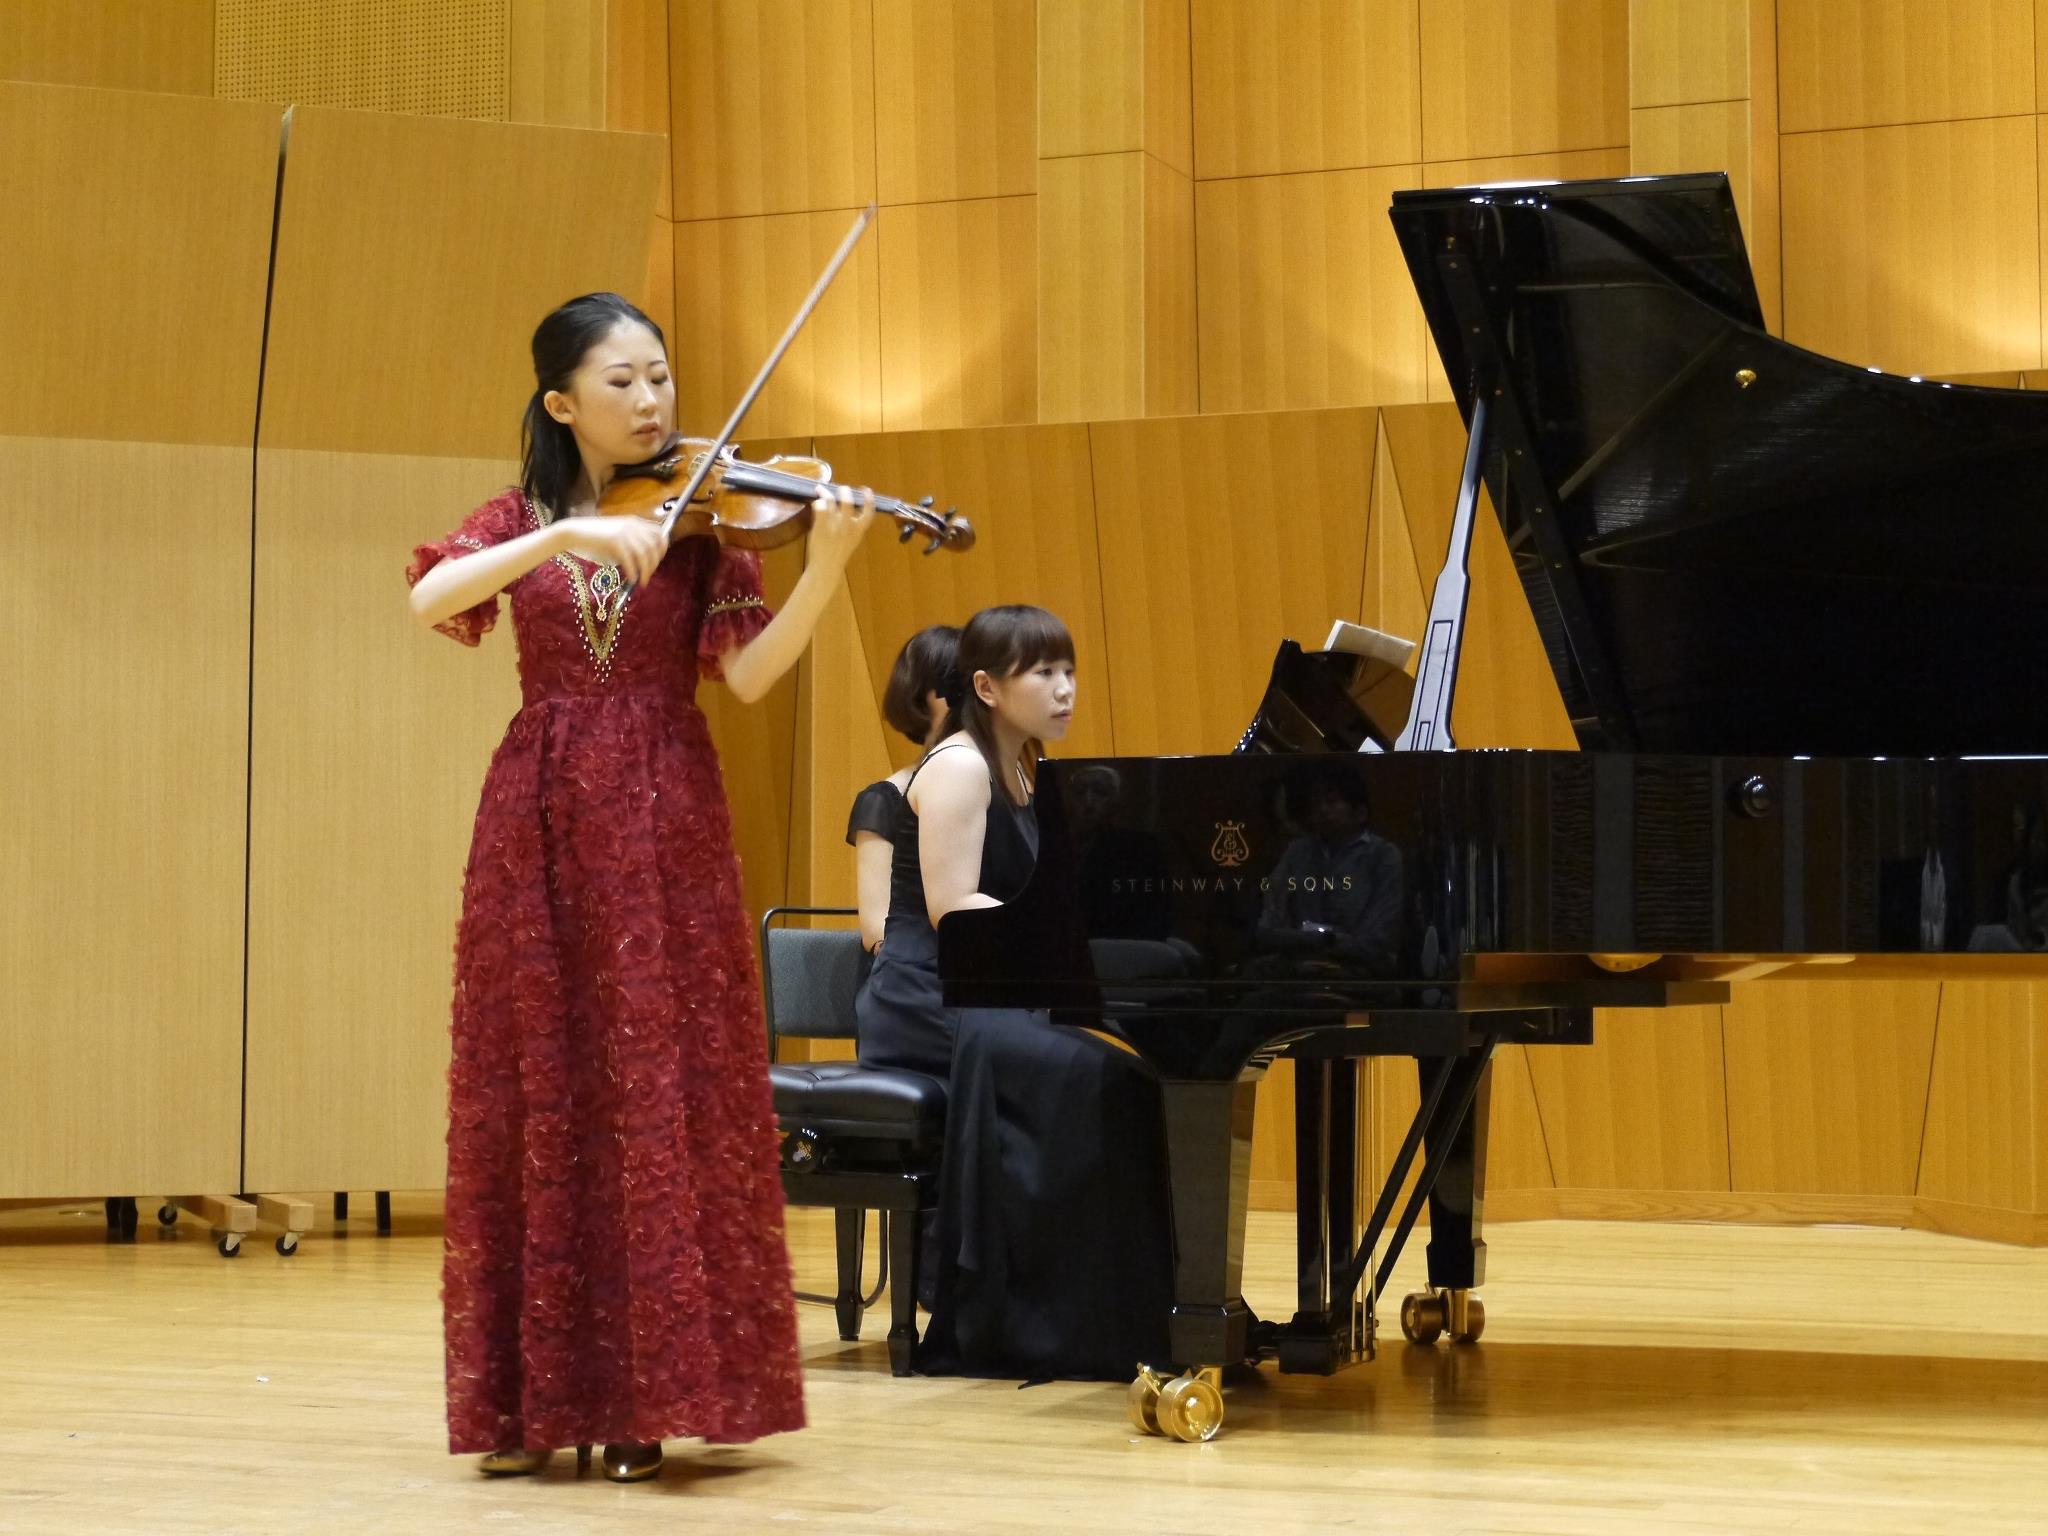 桐朋大学院修士課程でのリサイタルの模様 序奏とロンドカプリチョーソを弾いている瞬間です。